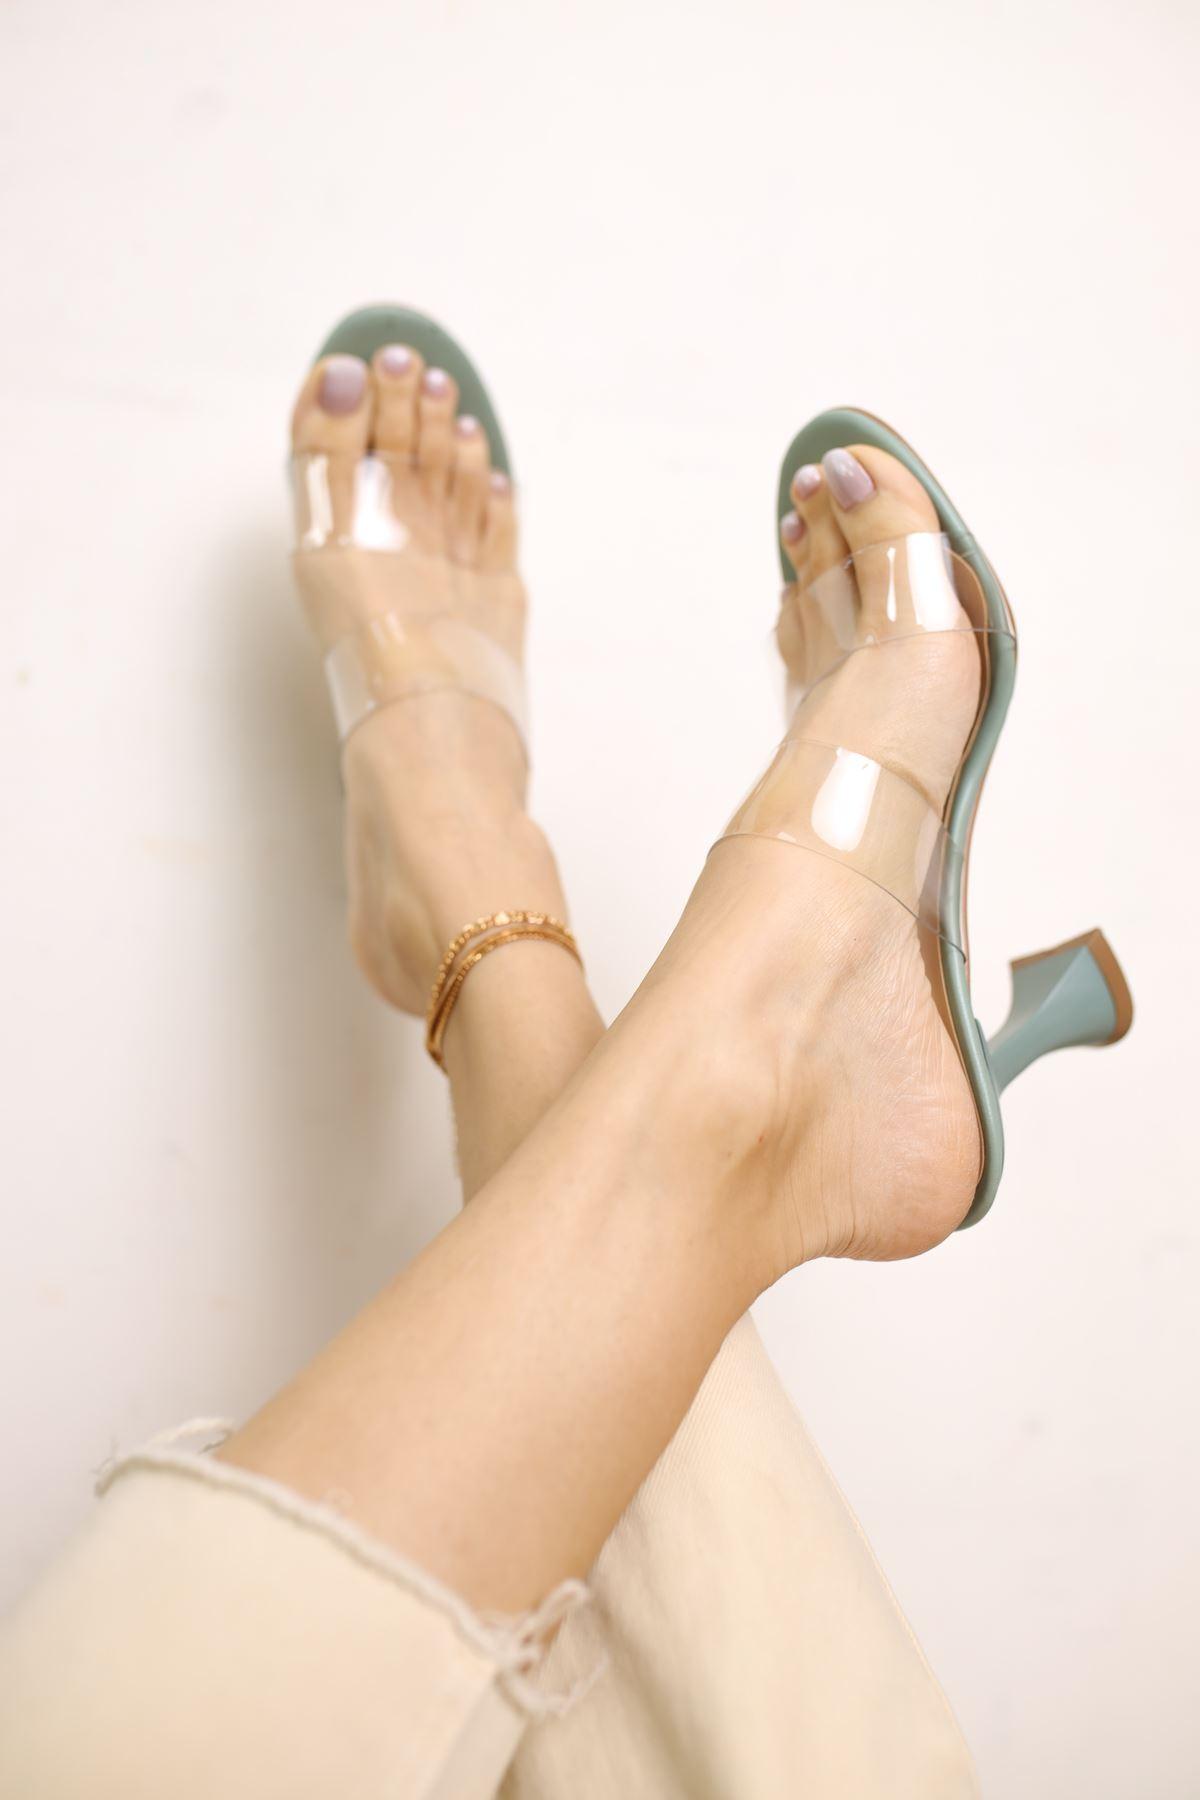 Faus Yeşil Mat Deri Şeffaf Kadın Topuklu Ayakkabı